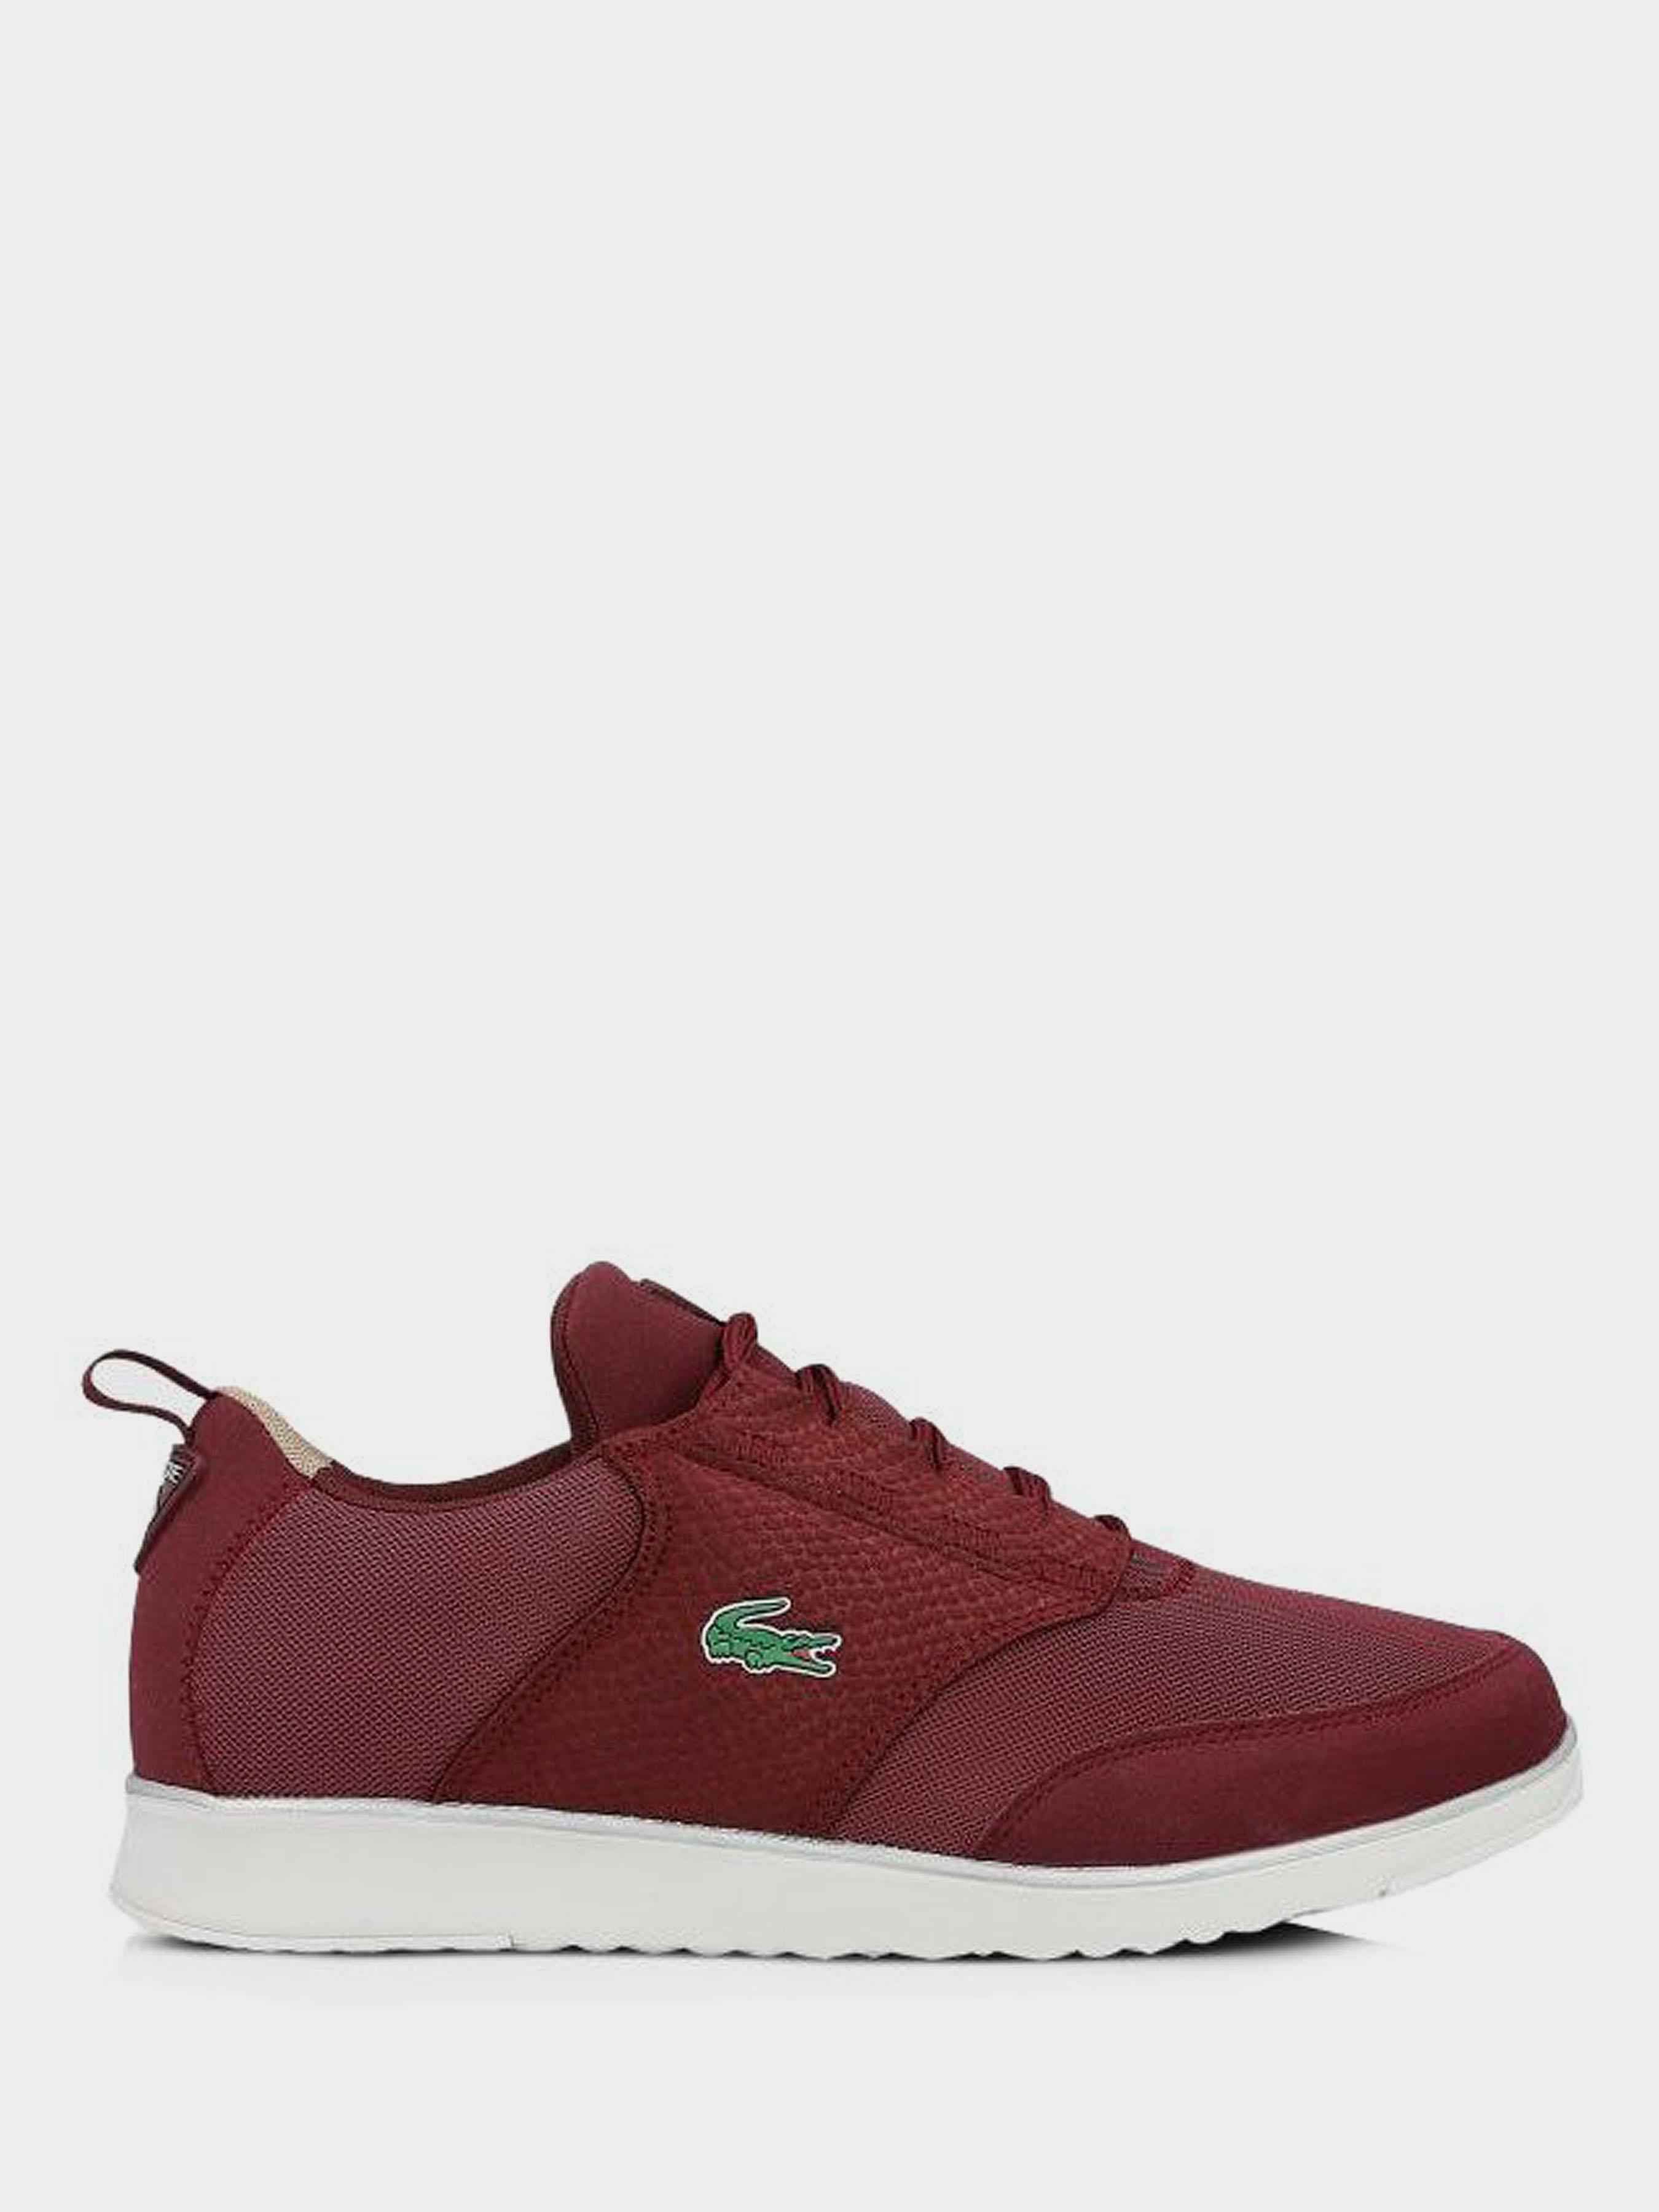 Кроссовки мужские Lacoste LK163 размеры обуви, 2017